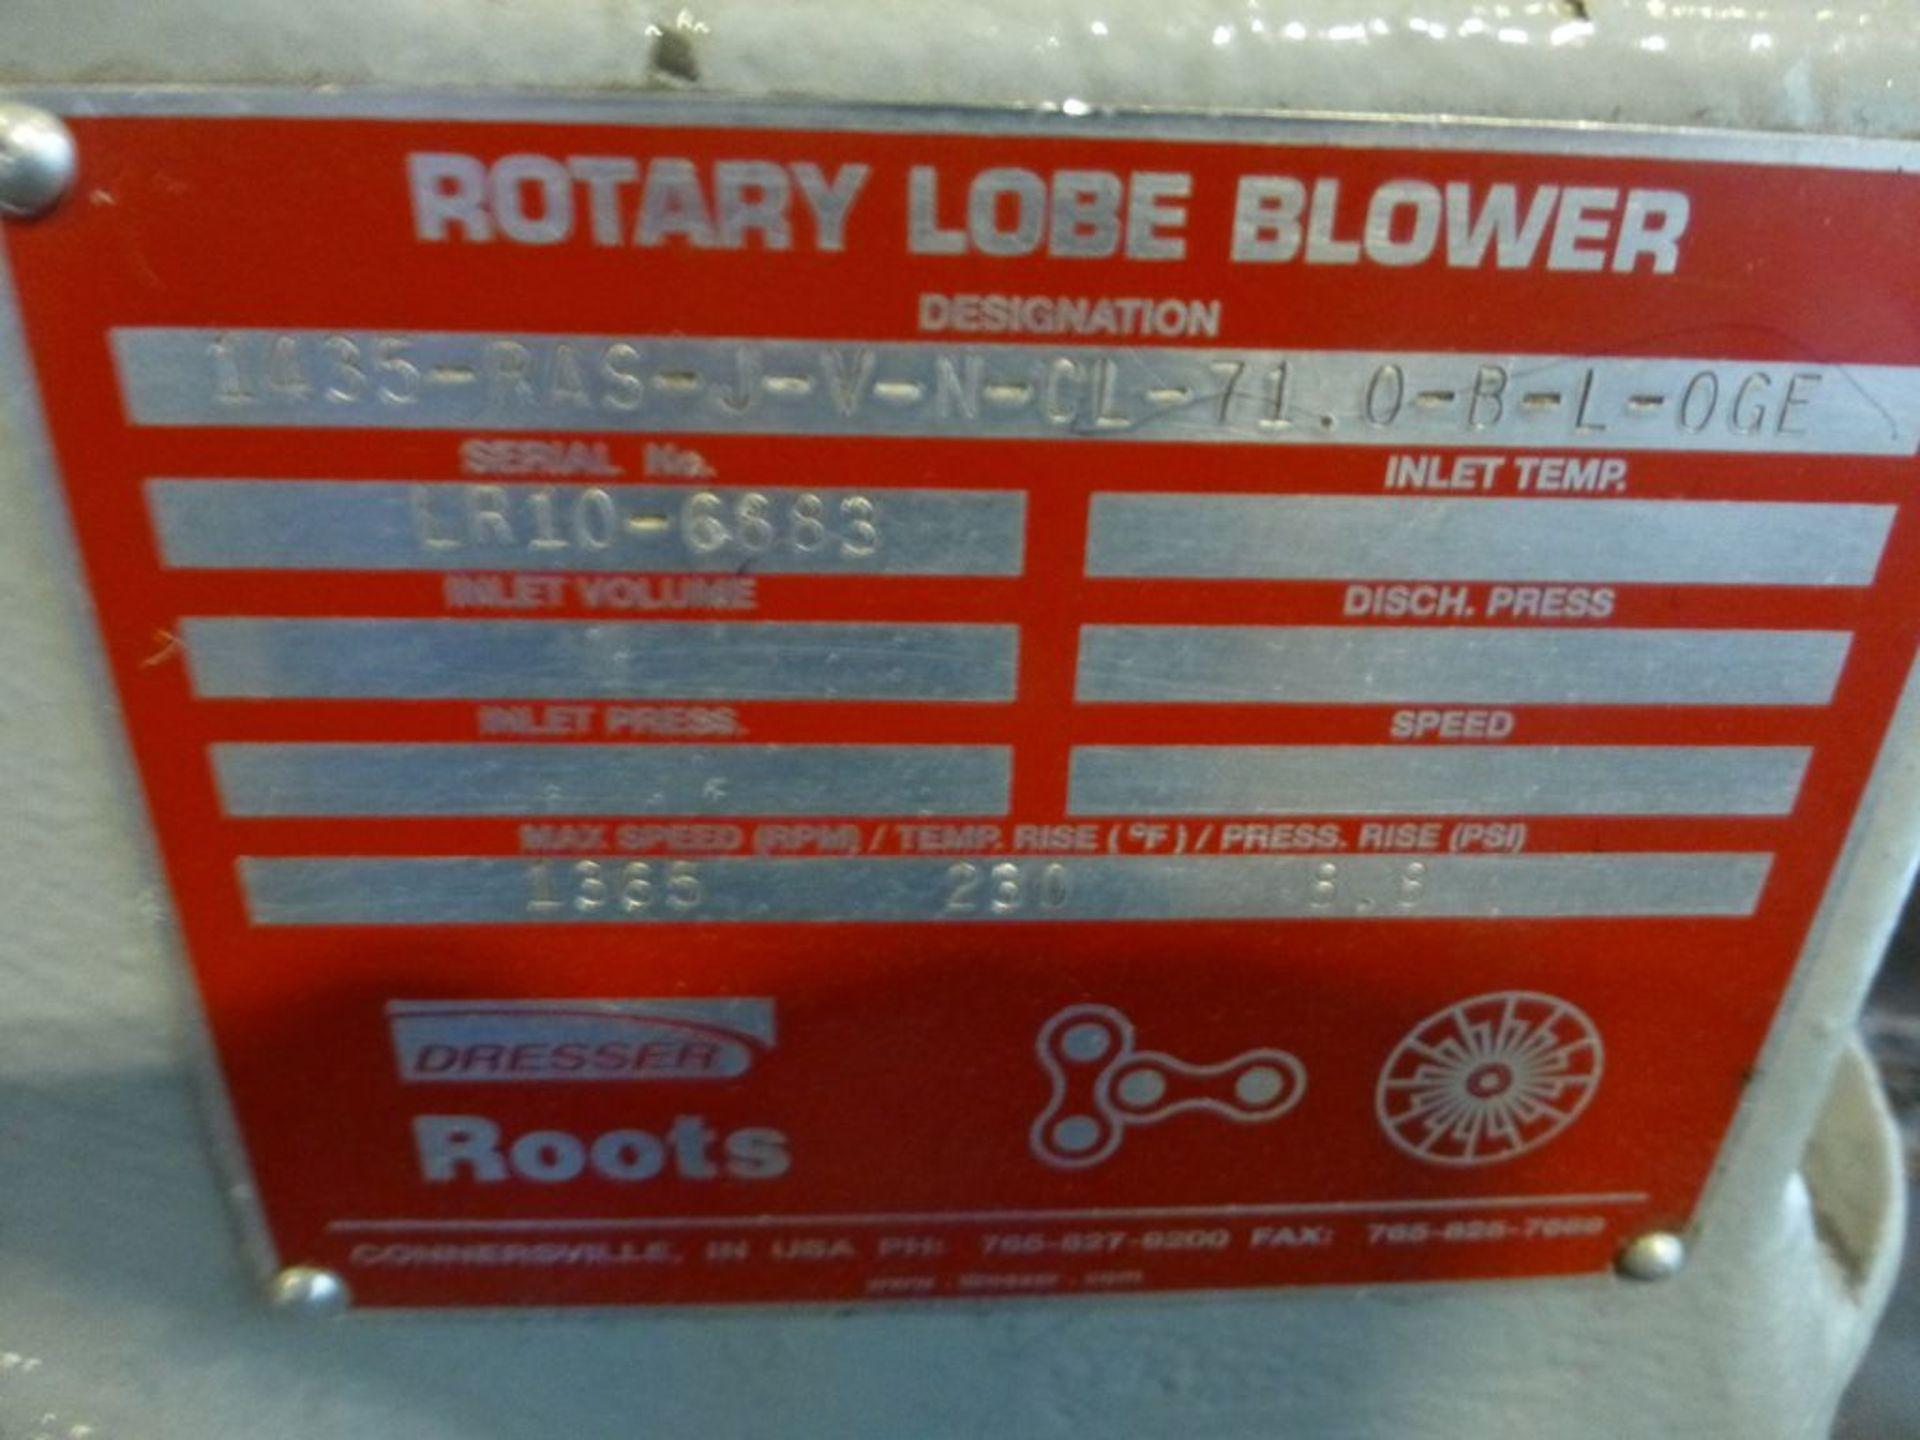 Roots Dresser Rotary Lobe Blower | Model No. 1435-J-V-N-CL-7L-0-R-L-OCE; Max Speed RPM: 1365; - Image 5 of 6